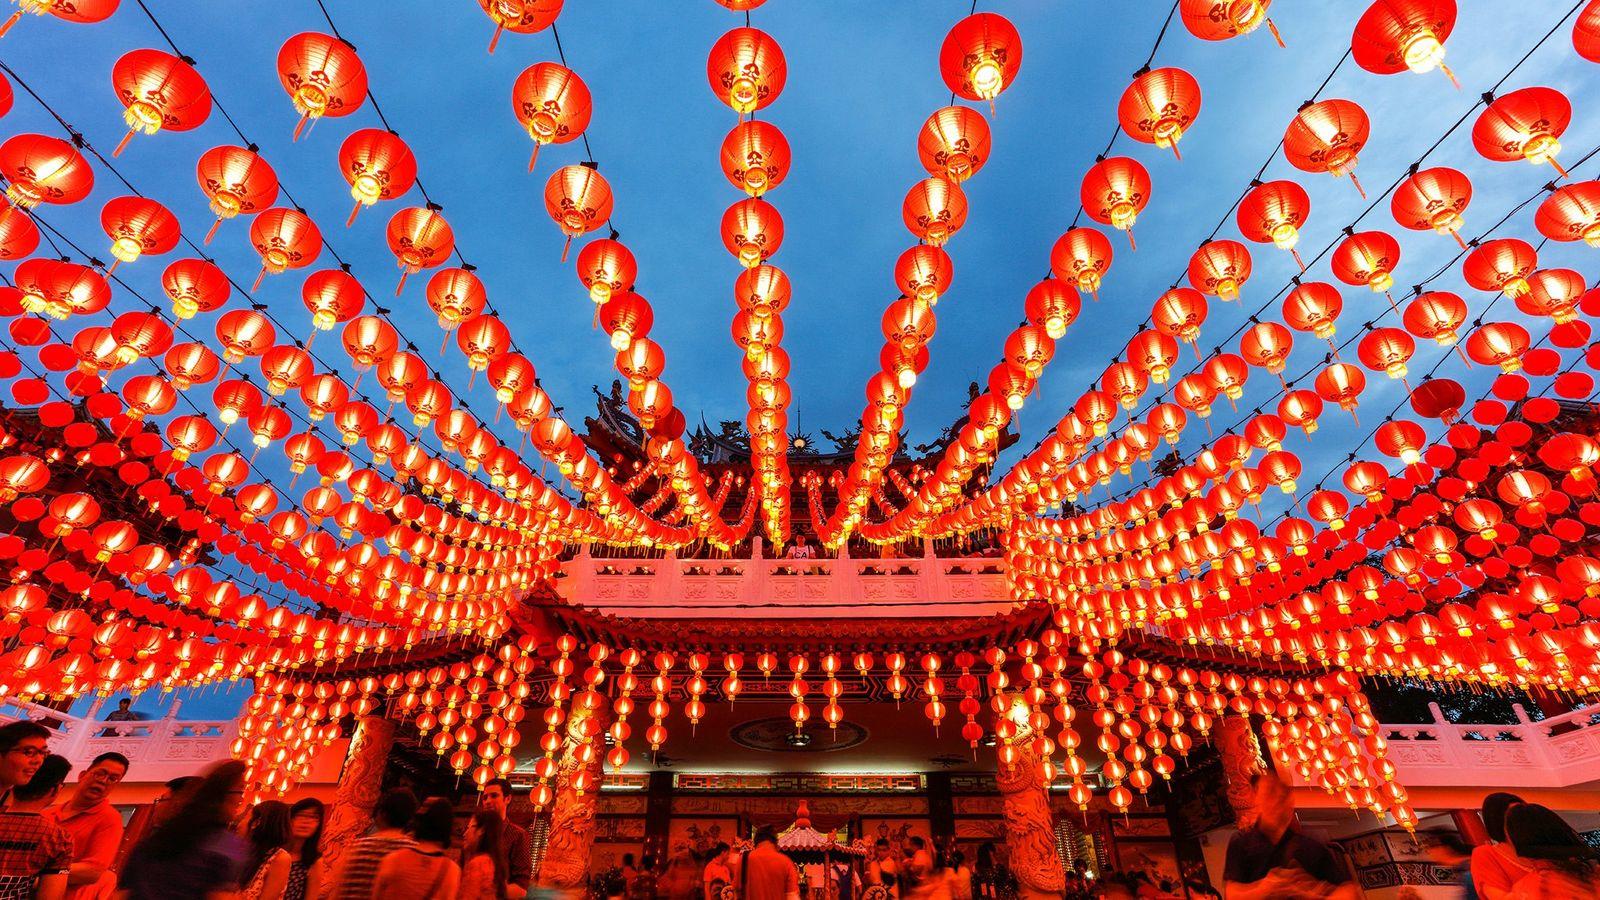 Luces brillando en el templo Thean Hou en Kuala Lumpur, Malasia, durante el Año Nuevo Chino.